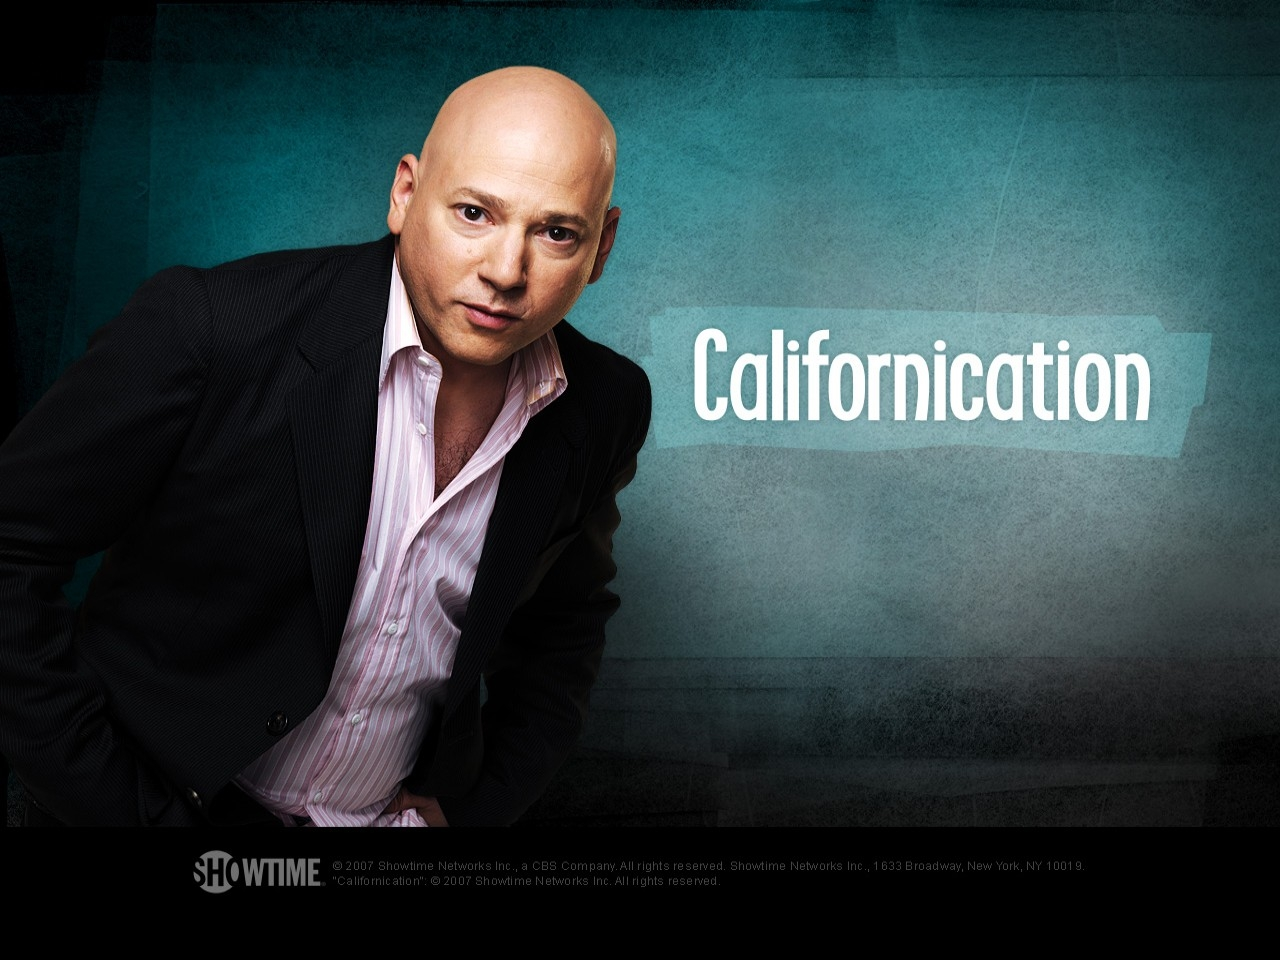 Wallpaper della serie Californication, con Evan Handler